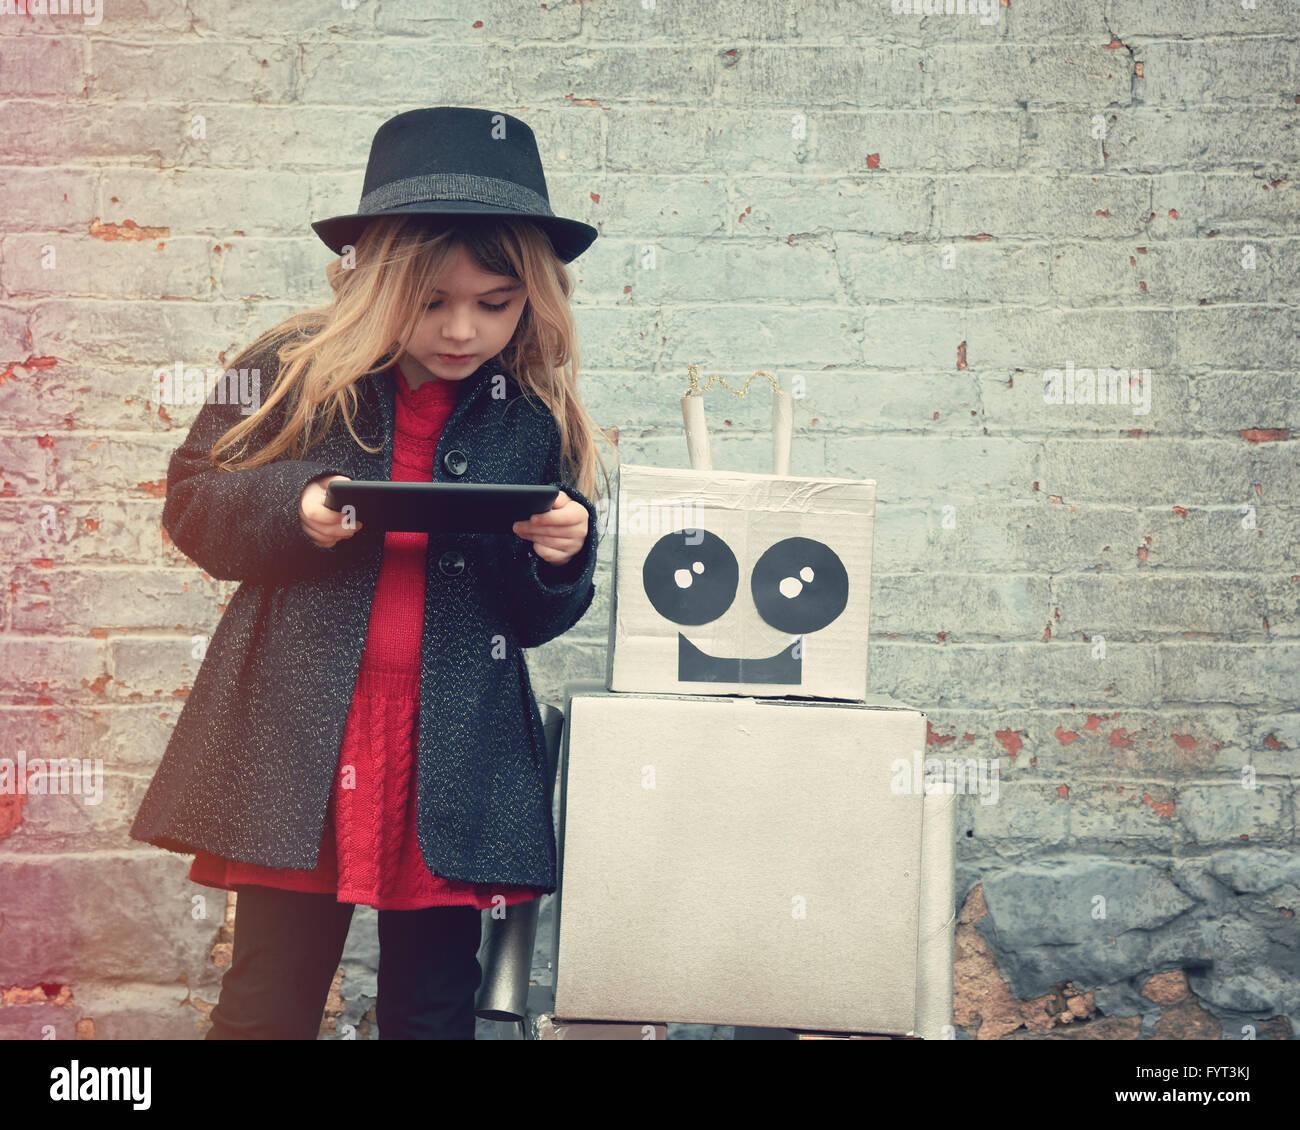 Un petit enfant hipster porte un chapeau et tenant une tablette avec son ami robot ville pour un bonheur ou idée Photo Stock